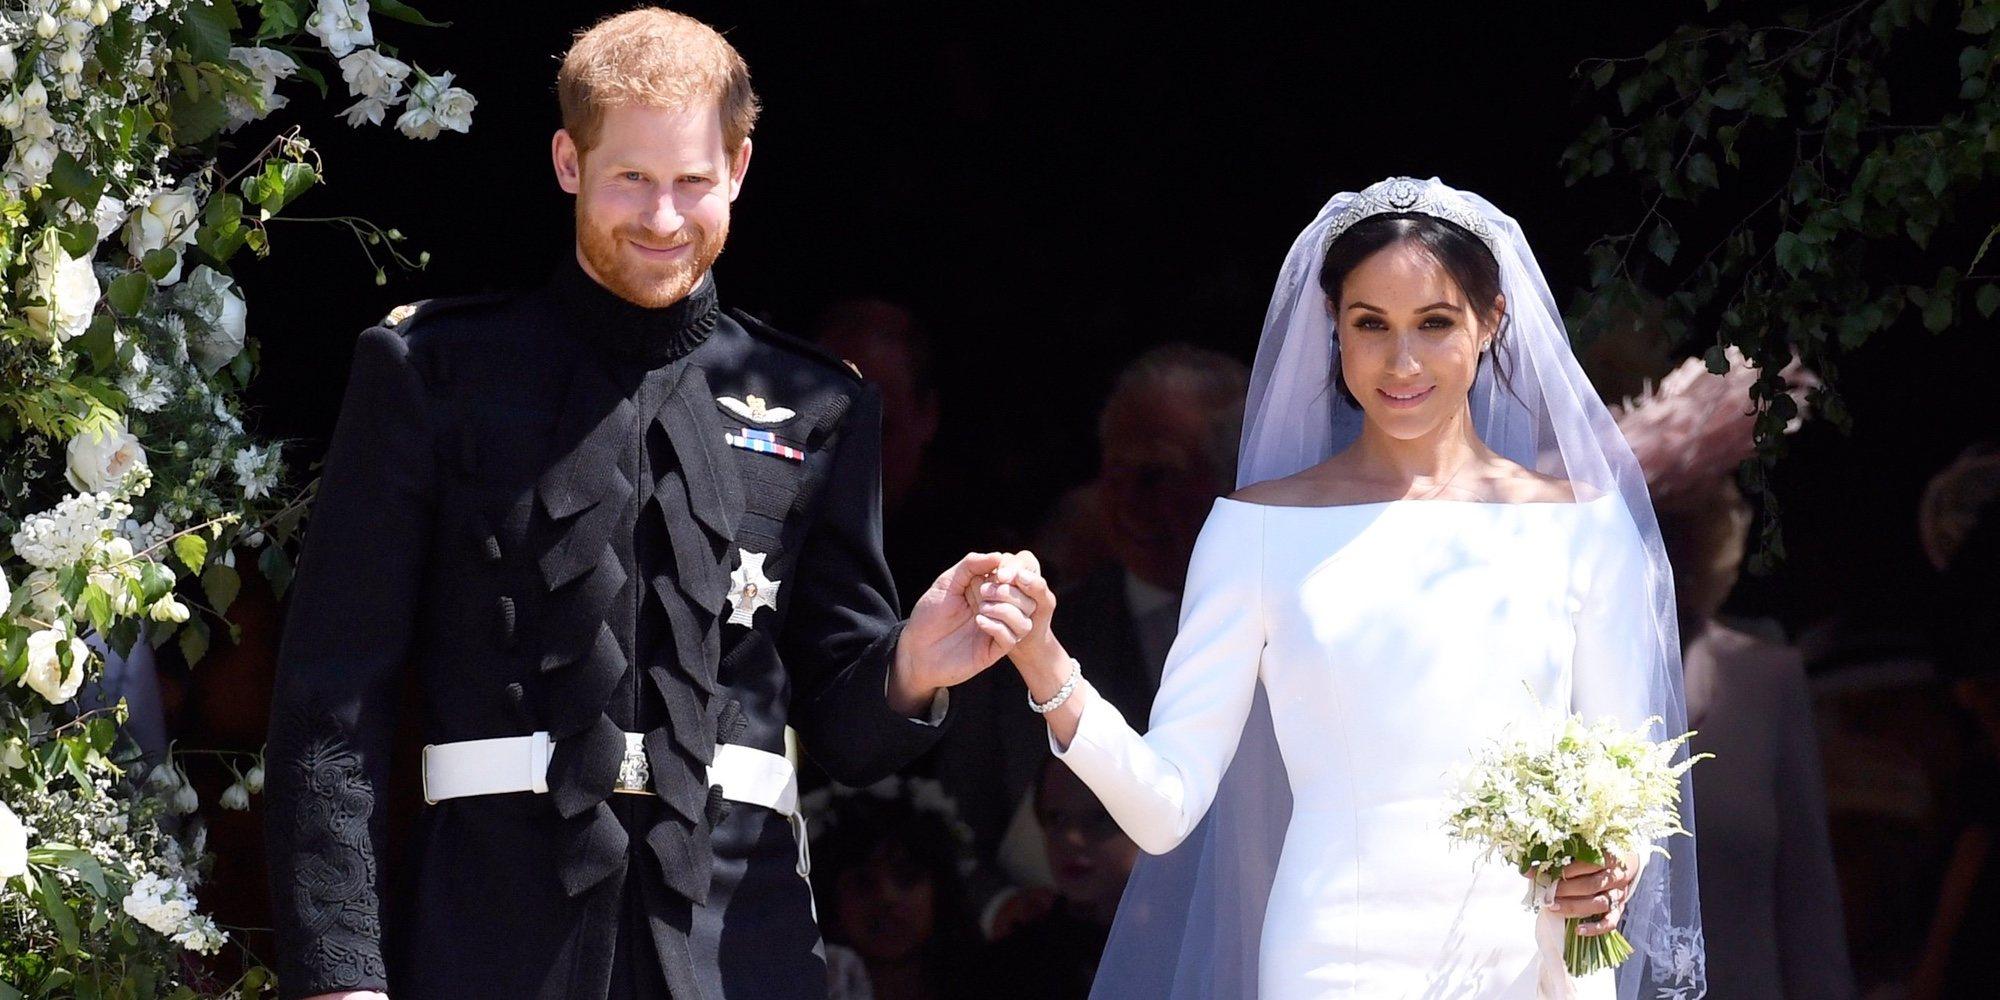 La boda del Príncipe Harry y Meghan Markle: risas, gospel, dos vestidos, un sermón curioso y mucho amor